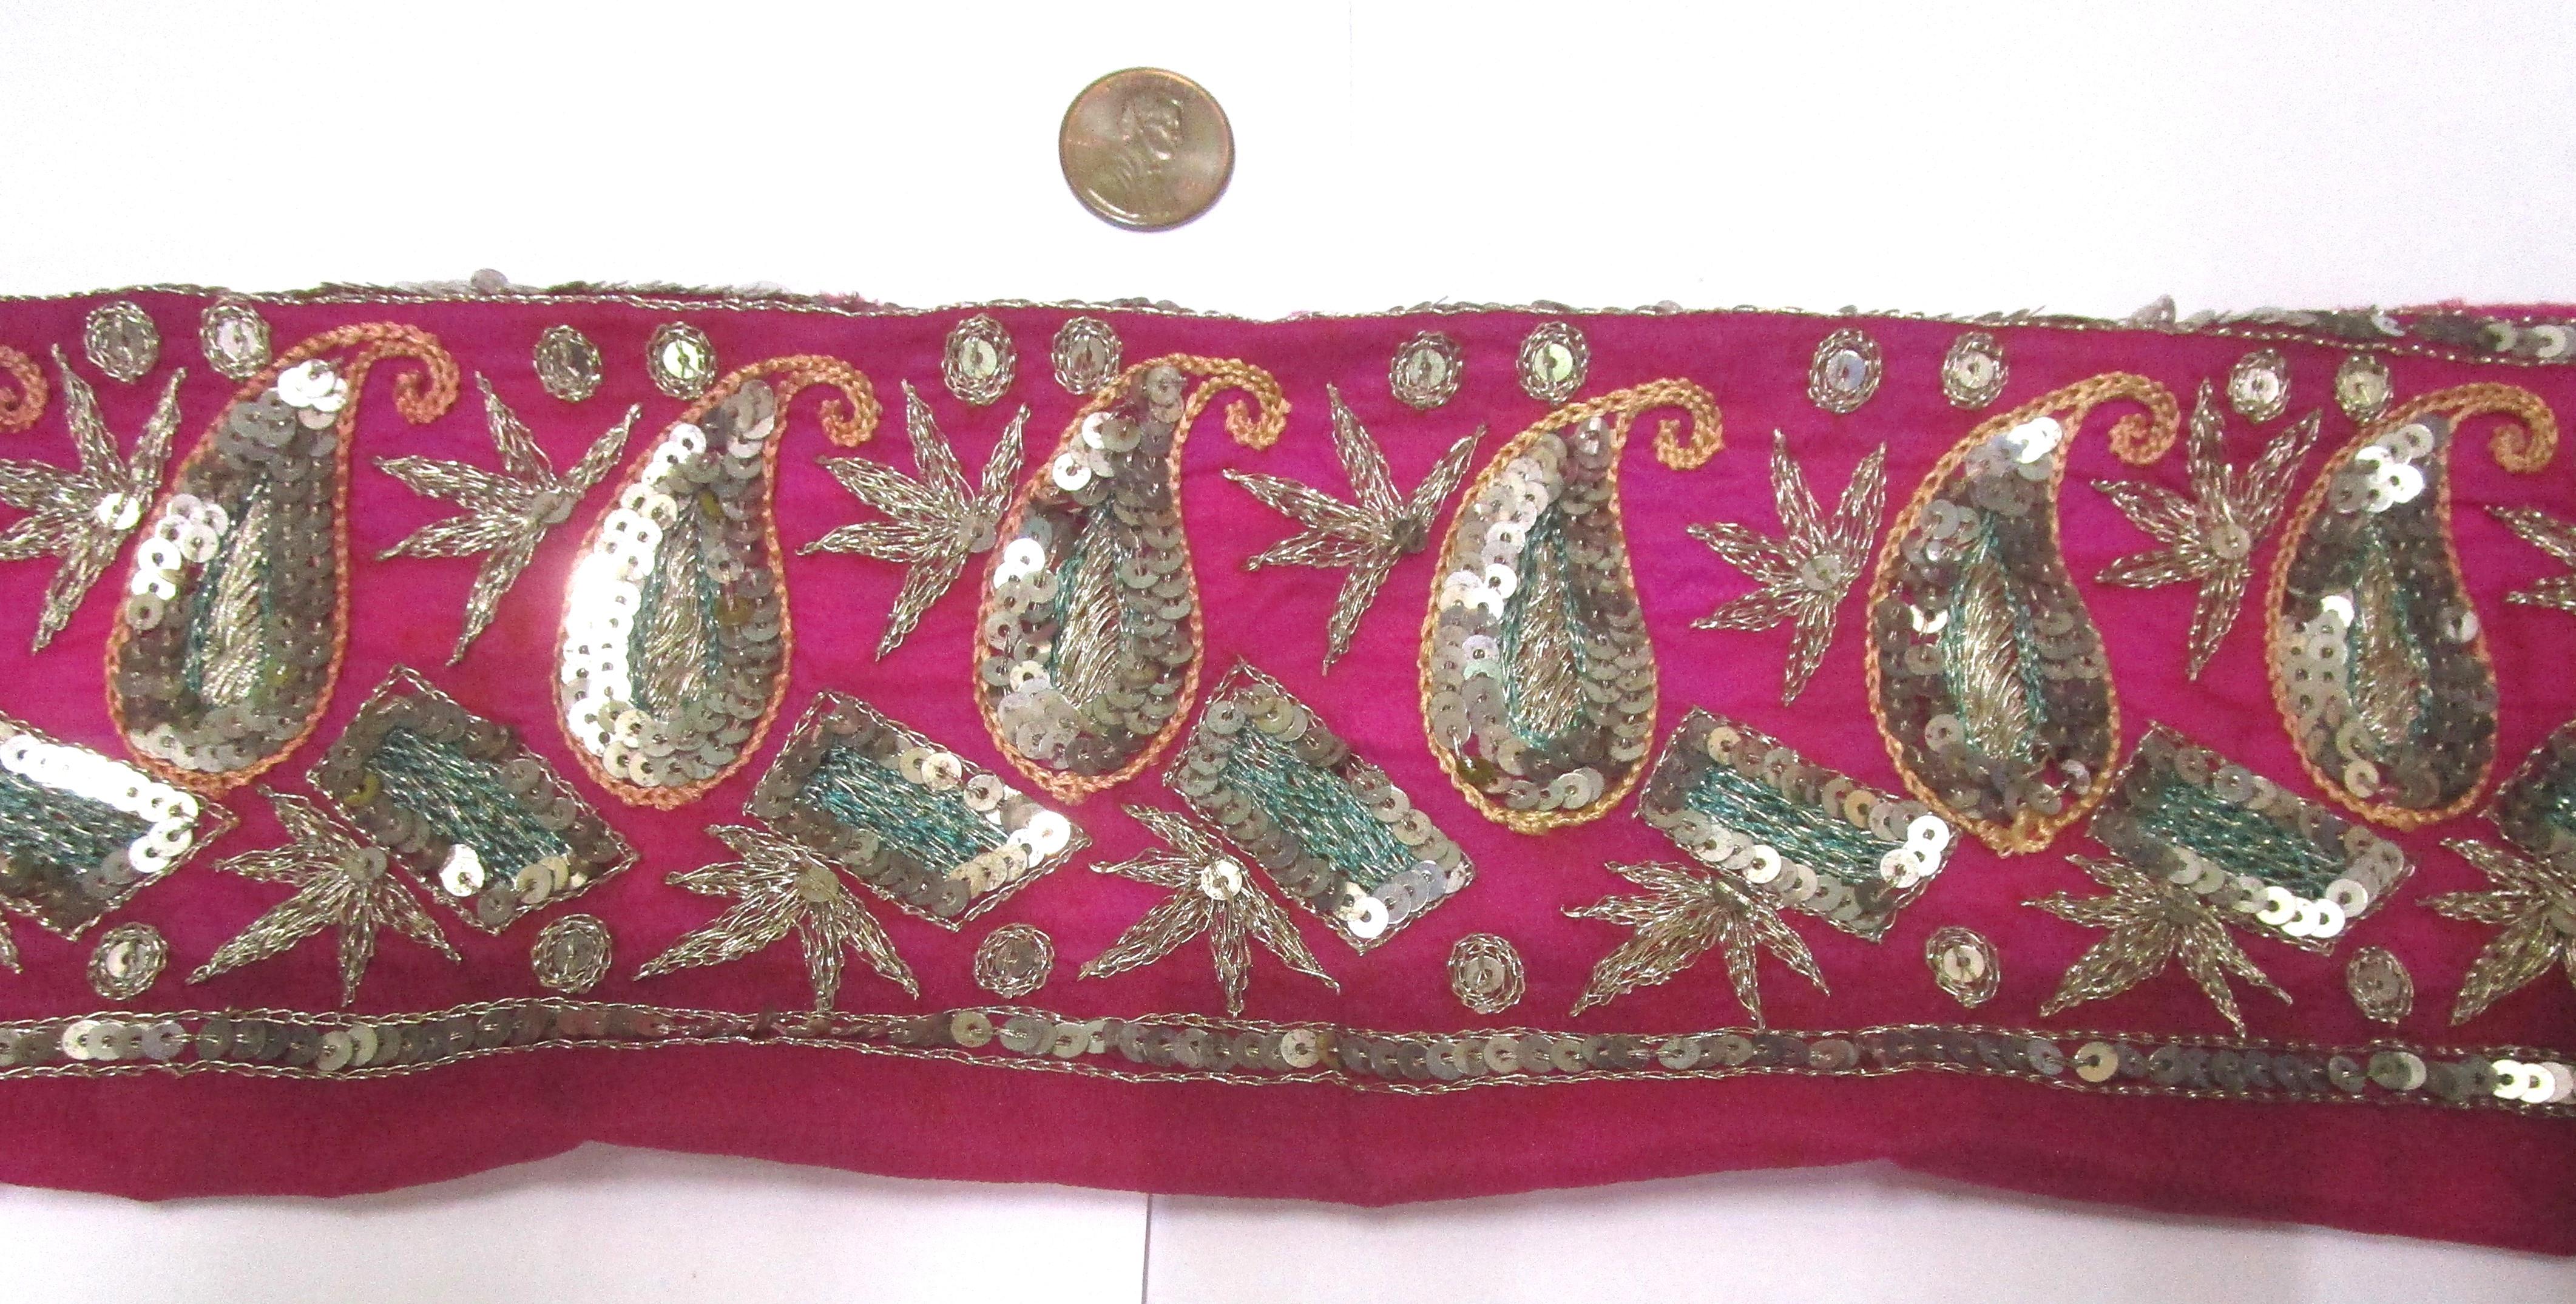 Vintage Antique Border Sari Trim Lace RARE OLD  2 ft Q1723 Embroidered #ABHOW